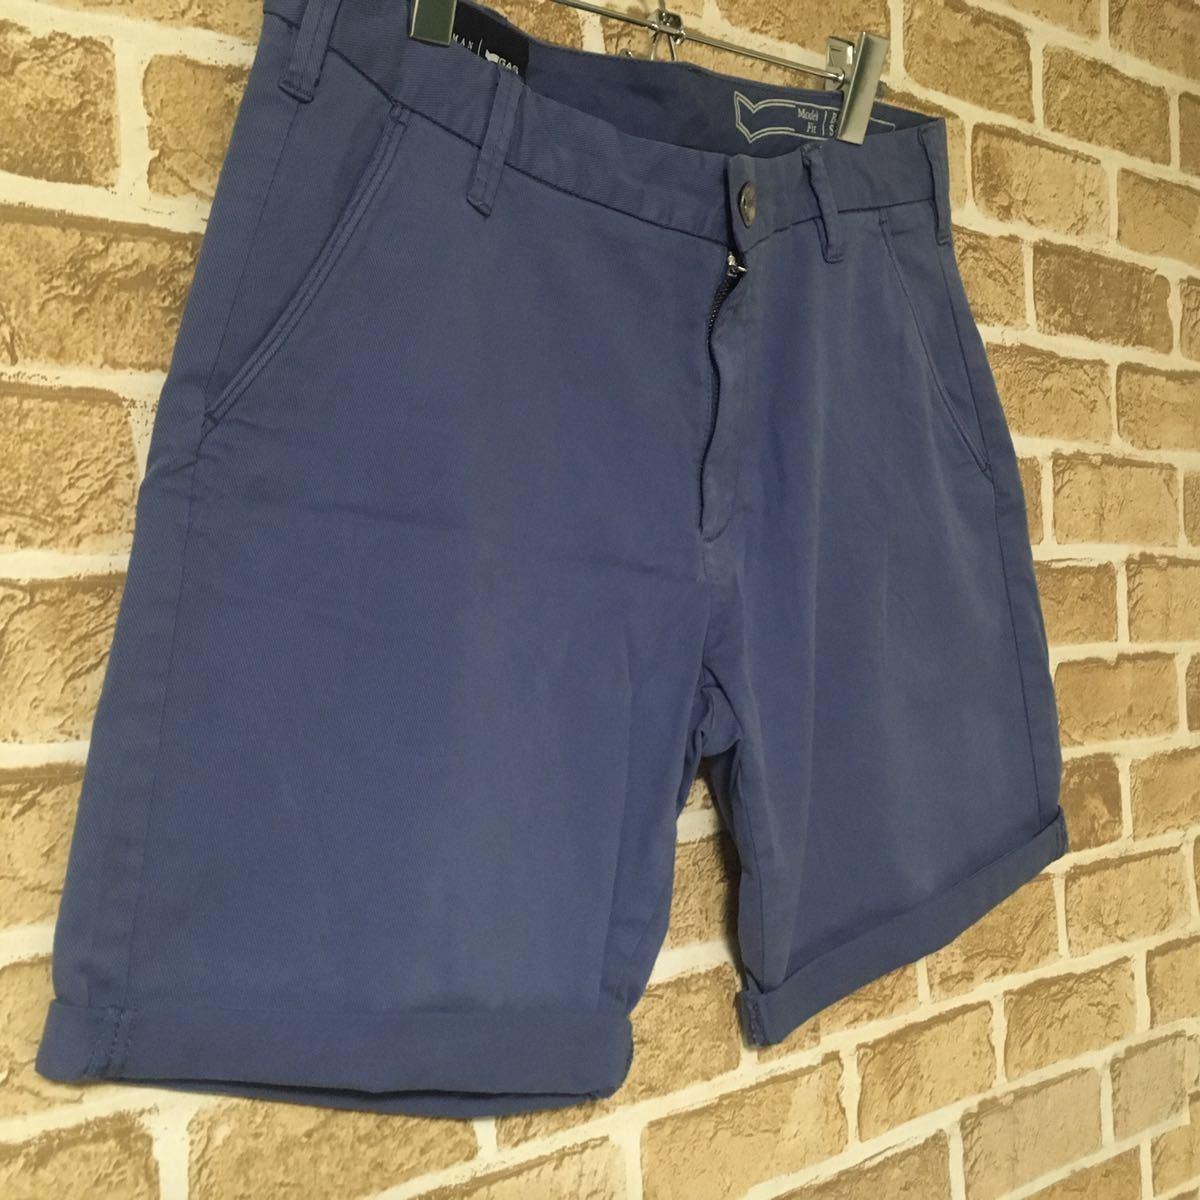 GAS ガス ショートパンツ メンズ パンツ チノパン スキニー 青系 新品 ハーフパンツ 大人カジュアル スリム カジュアル ロールアップ